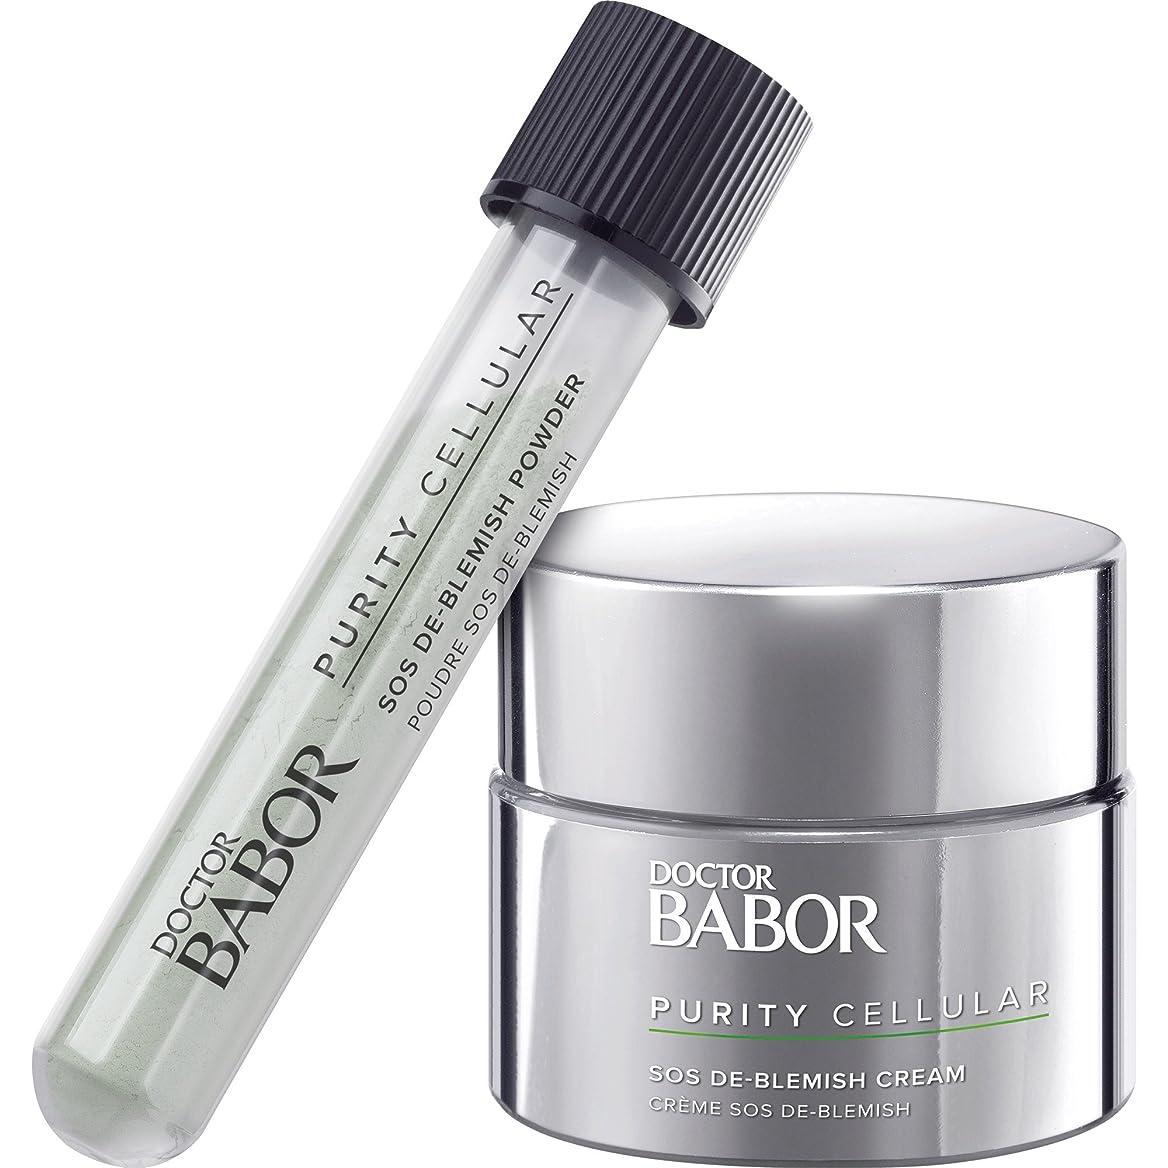 浮く不快な学習者バボール Doctor Babor Purity Cellular SOS De-Blemish Kit: De-Blemish Cream 50ml/1.7oz + De-Blemish Powder 5g/0.16oz 2pcs並行輸入品